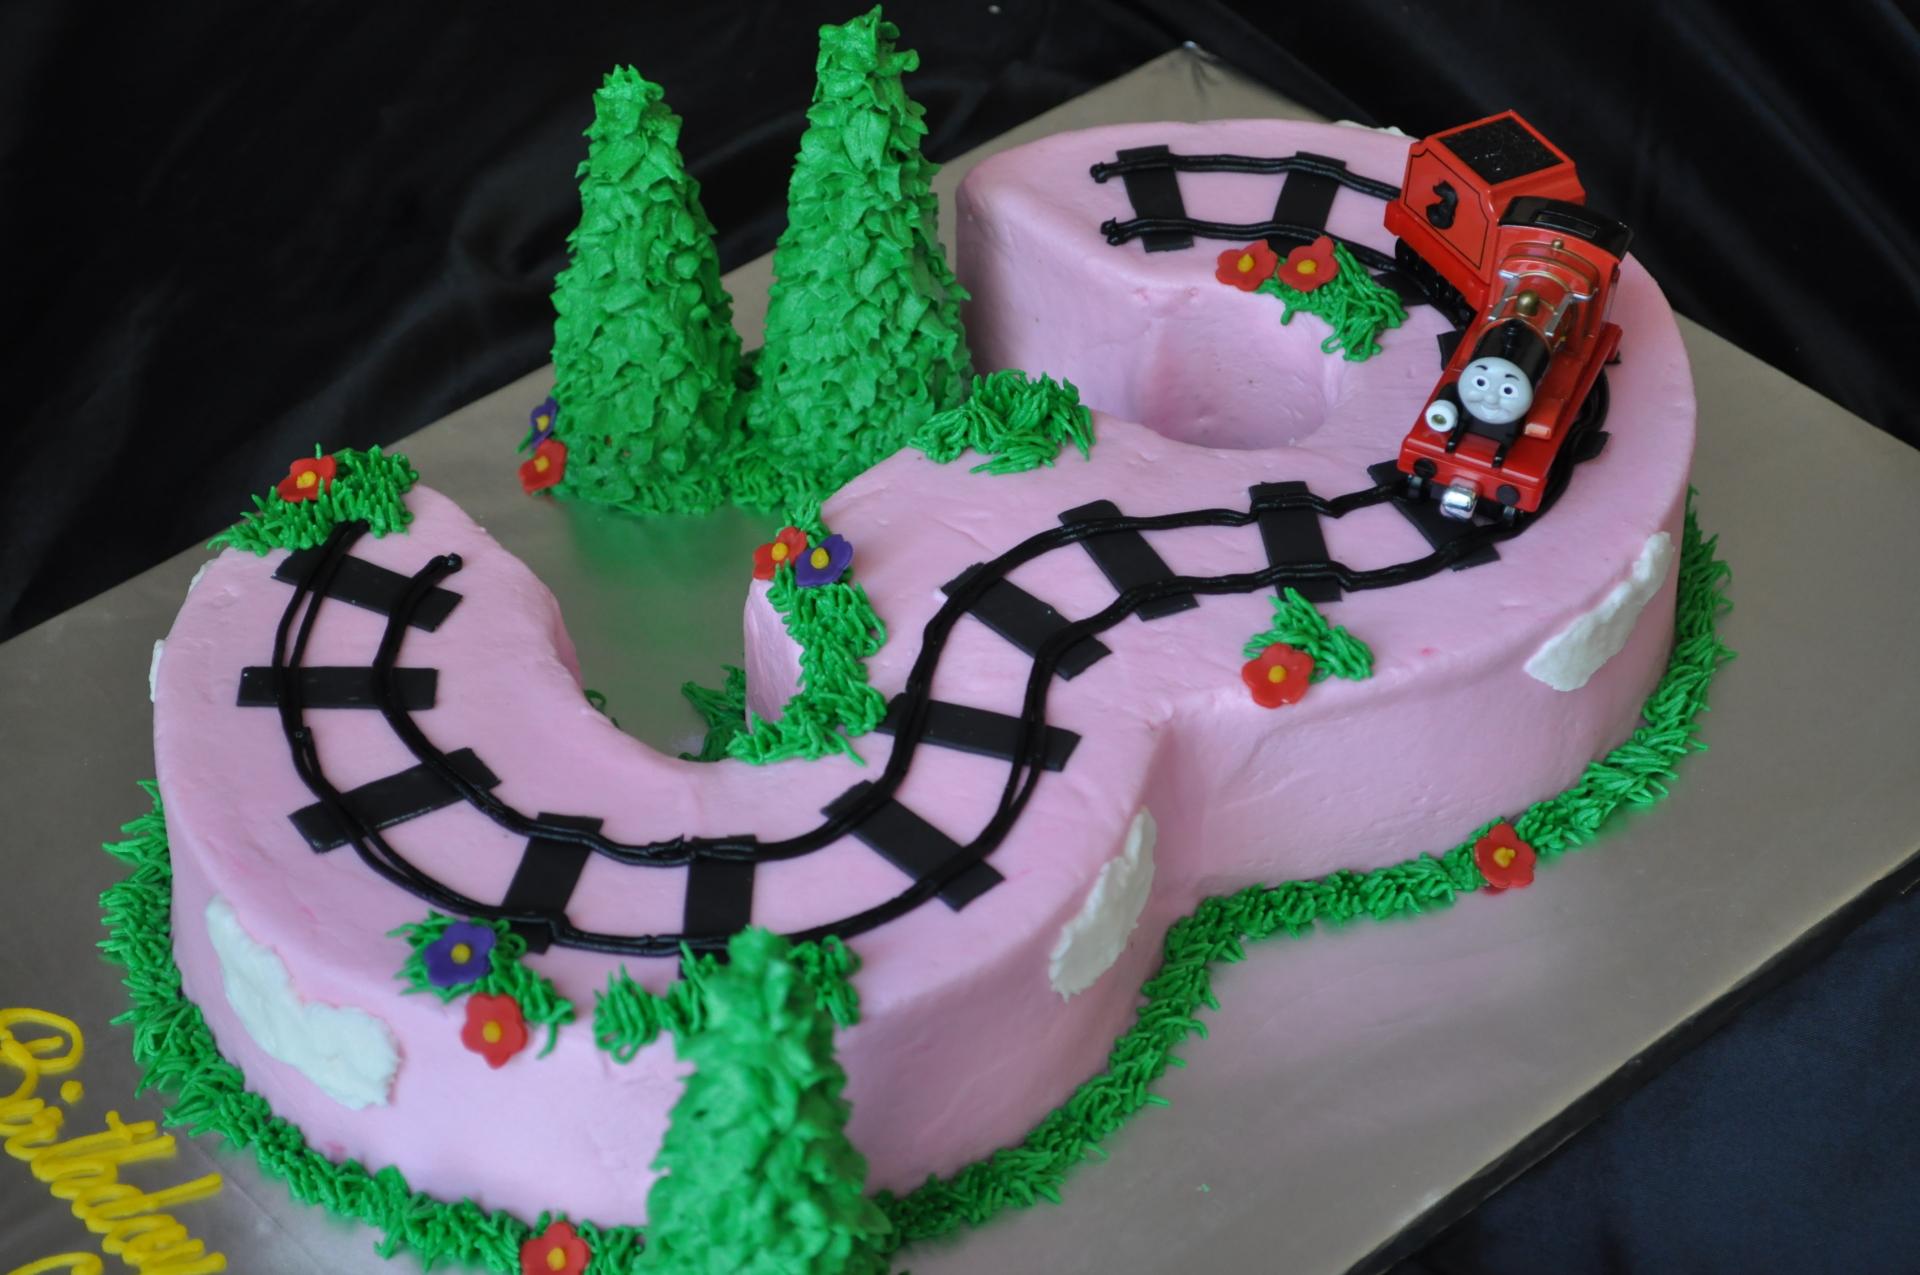 Thomas train cake ,pink number 3 cake